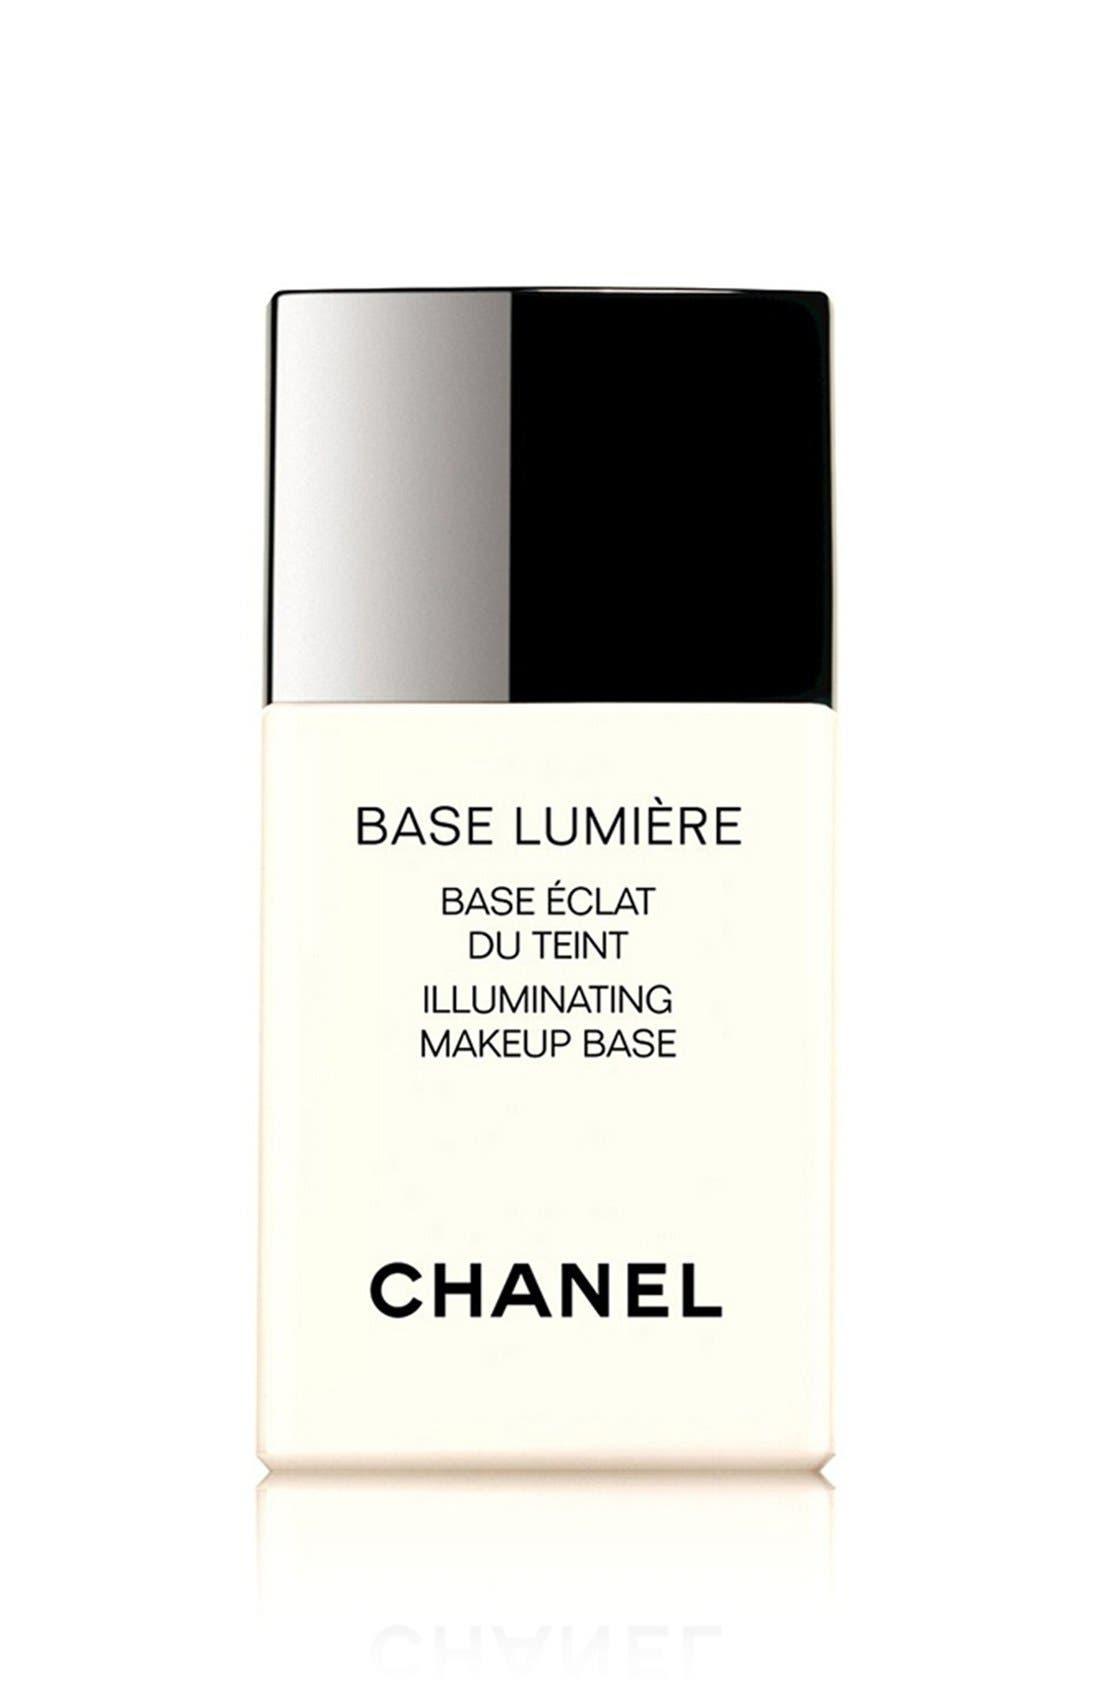 CHANEL BASE LUMIÈRE  Illuminating Makeup Base